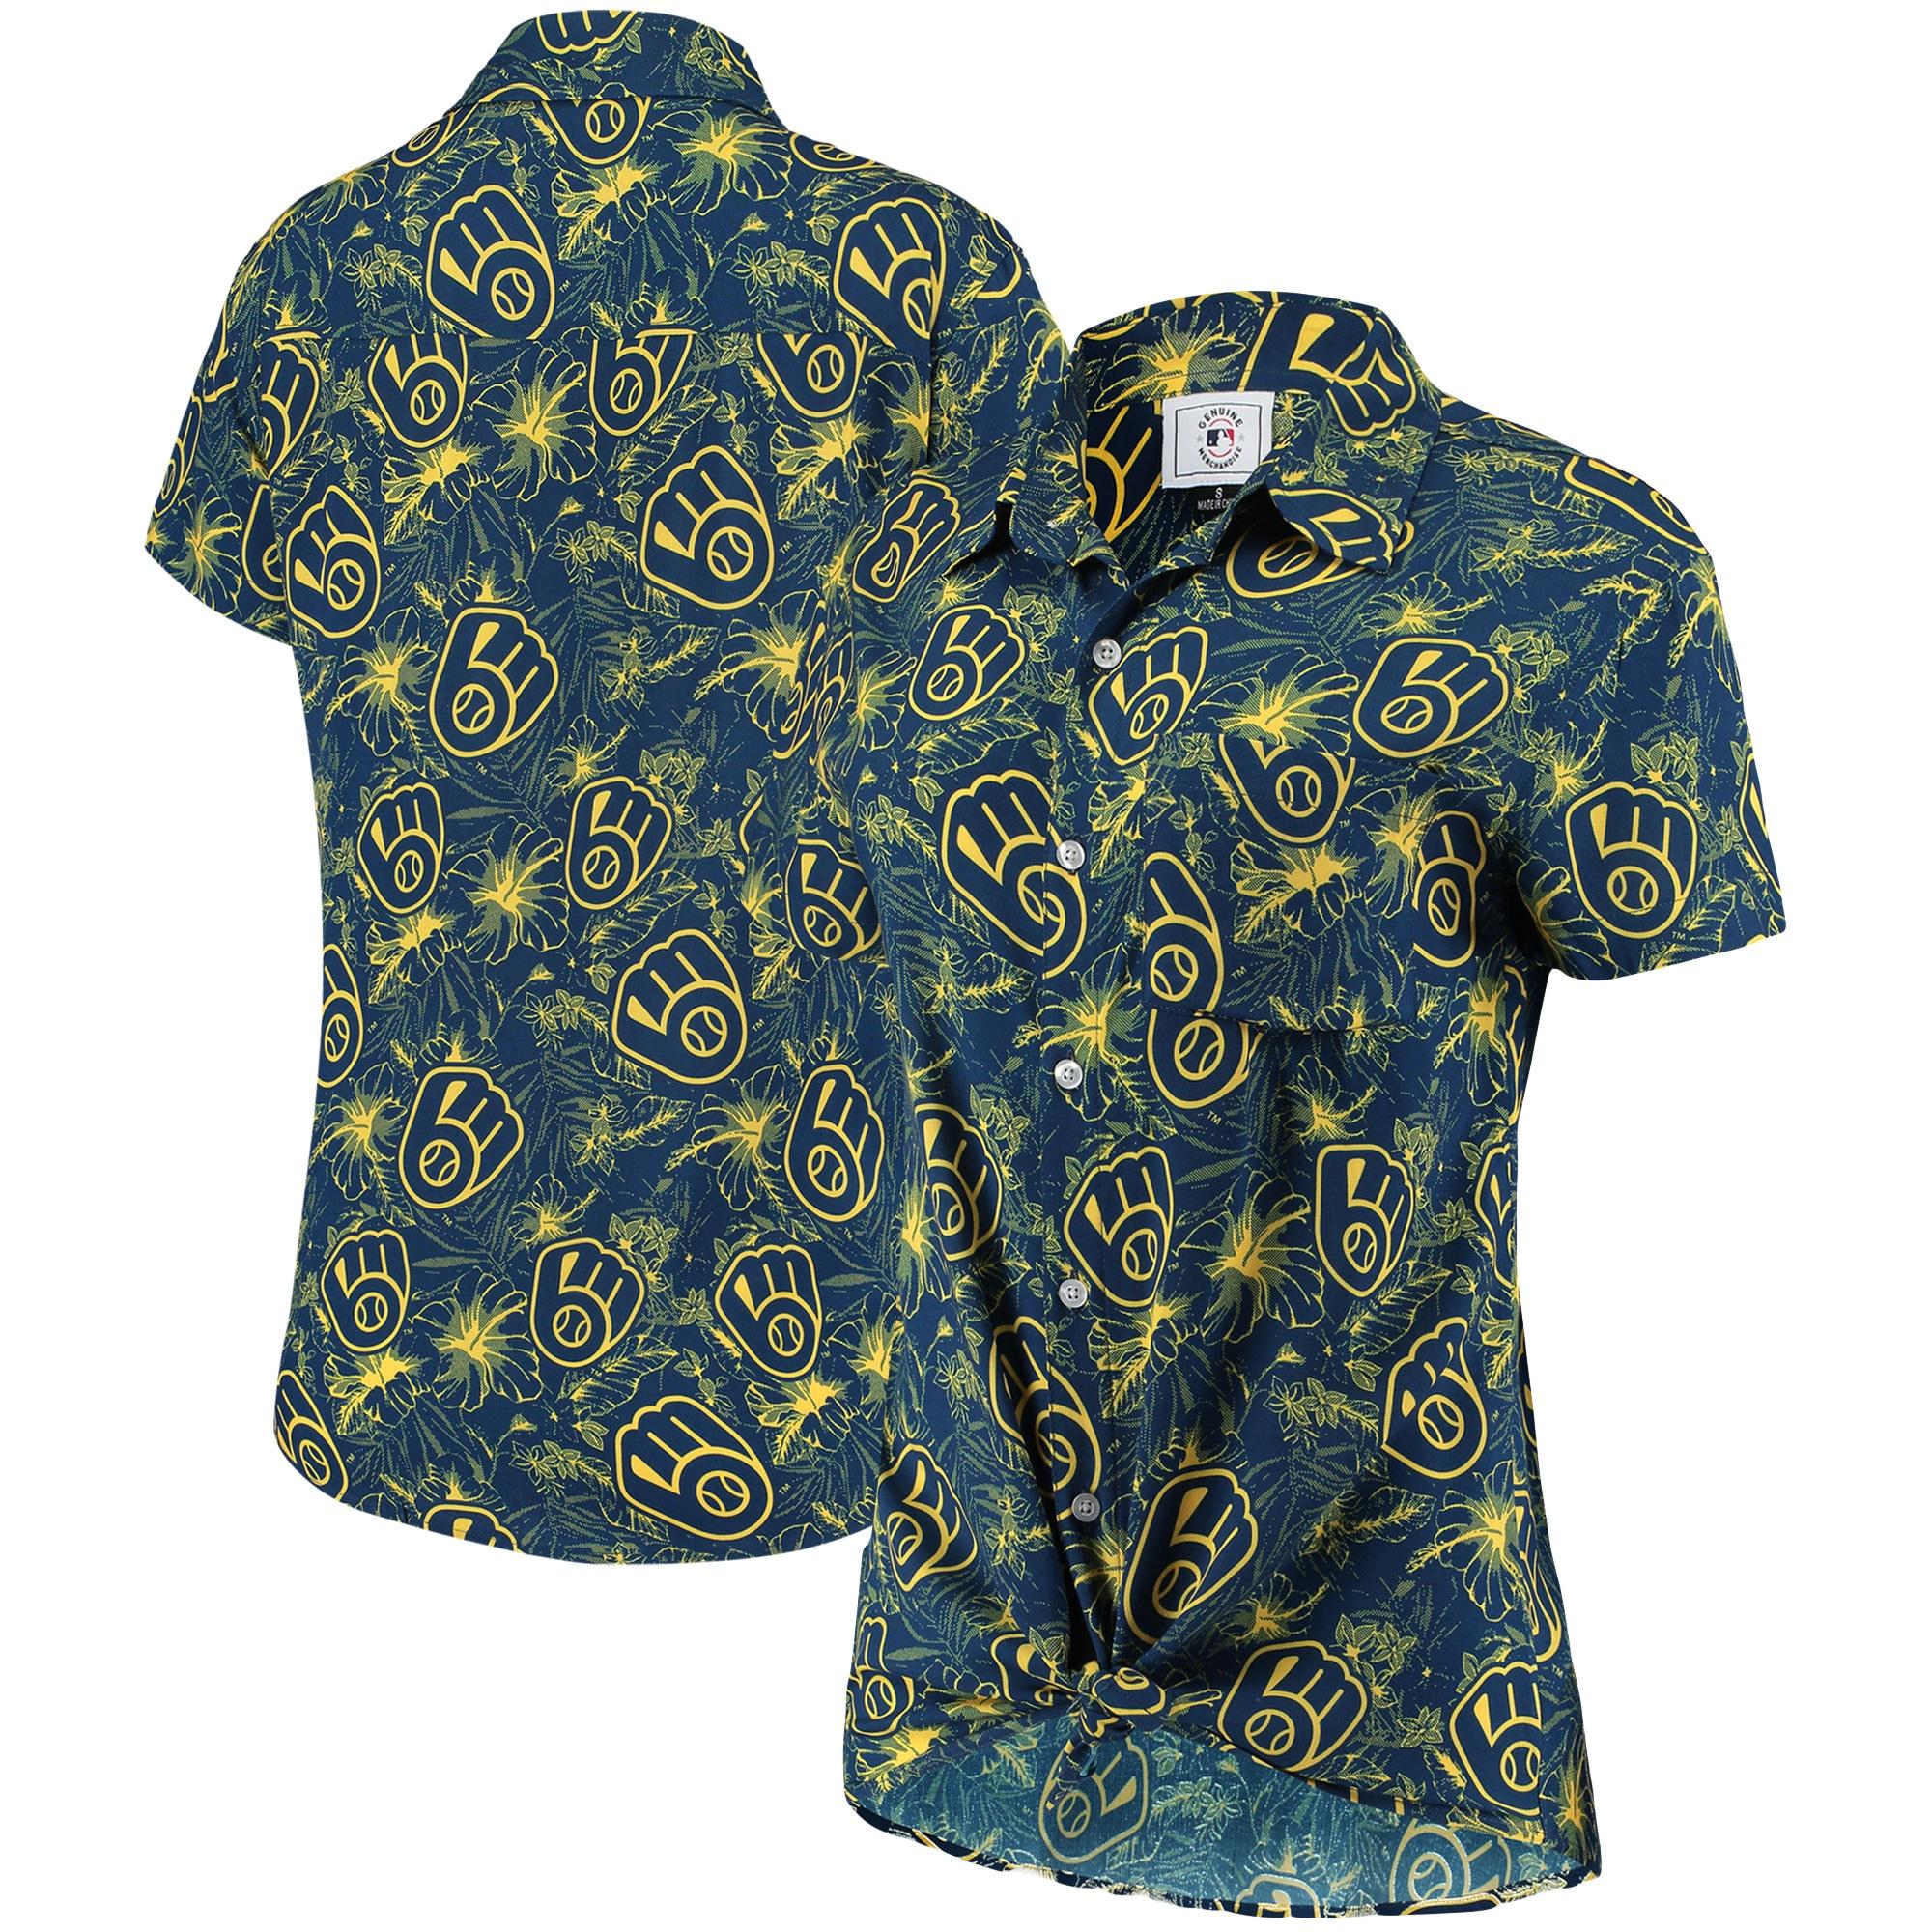 Milwaukee Brewers Women's Tonal Print Button-Up Shirt - Navy/Gold